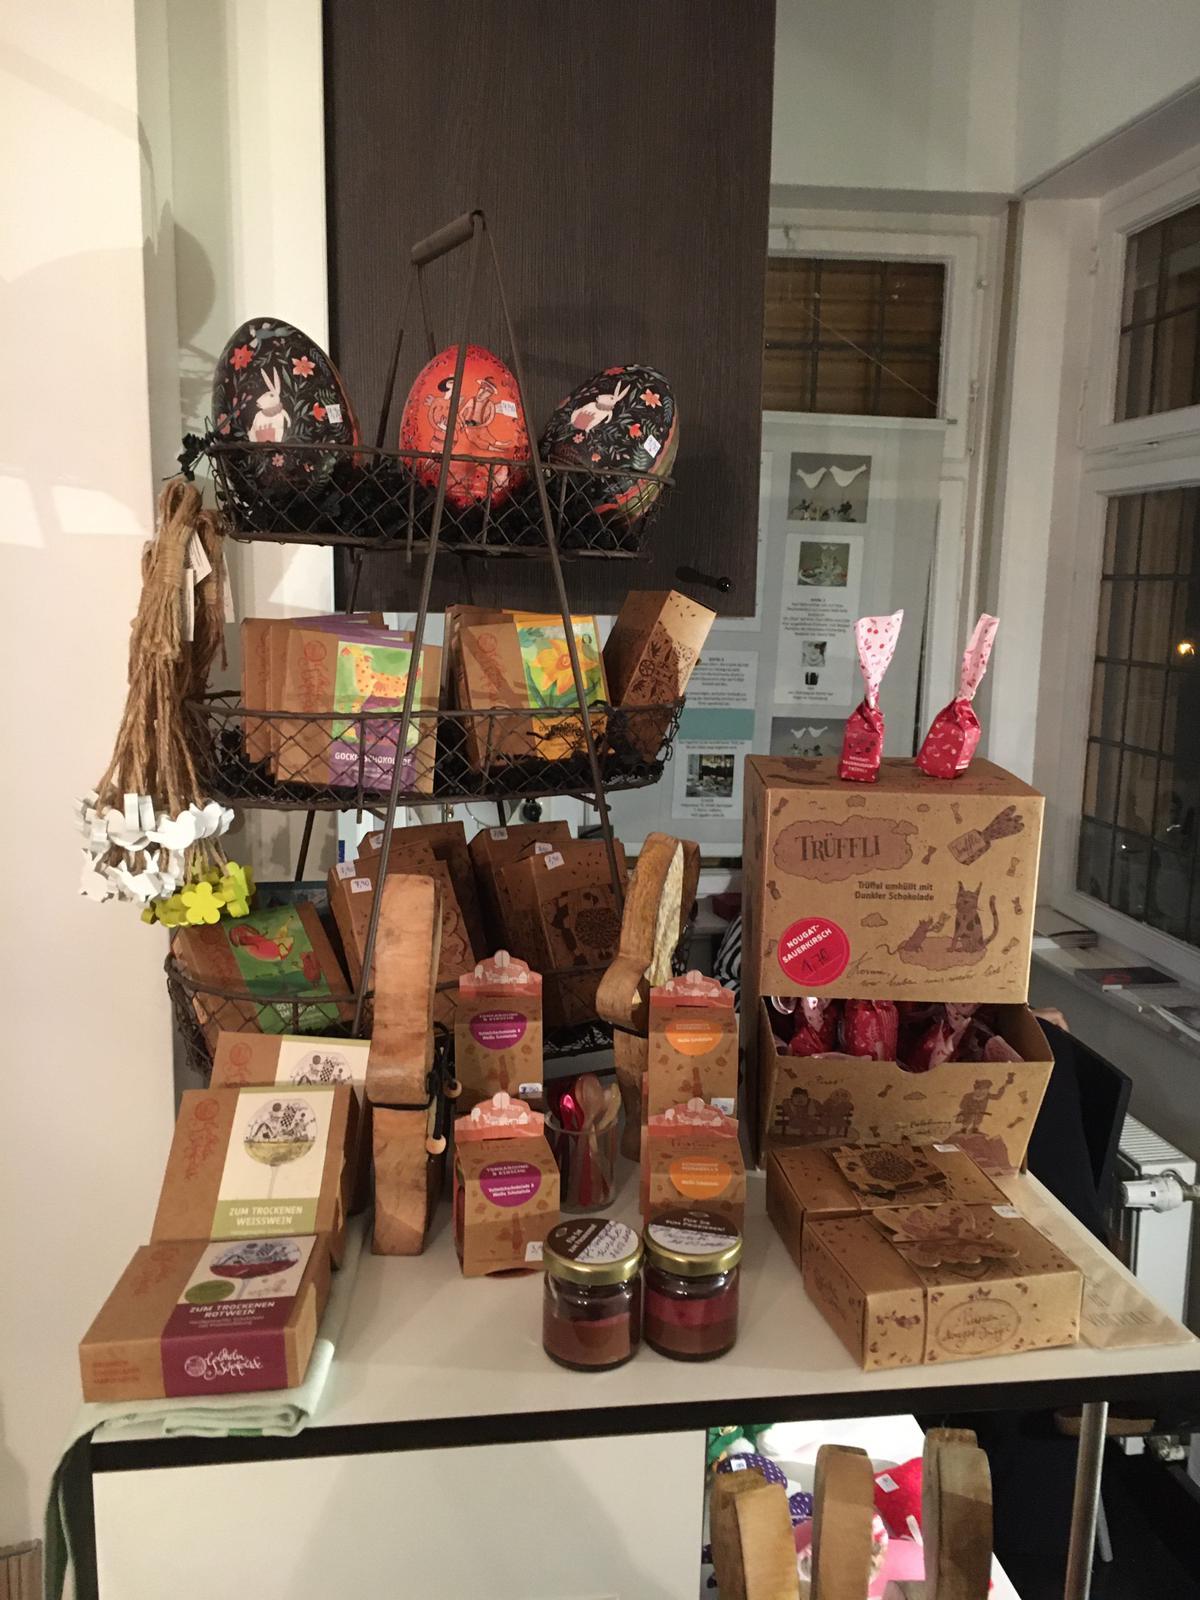 Schokolade der Schokoladenmanufaktur Goldhelm